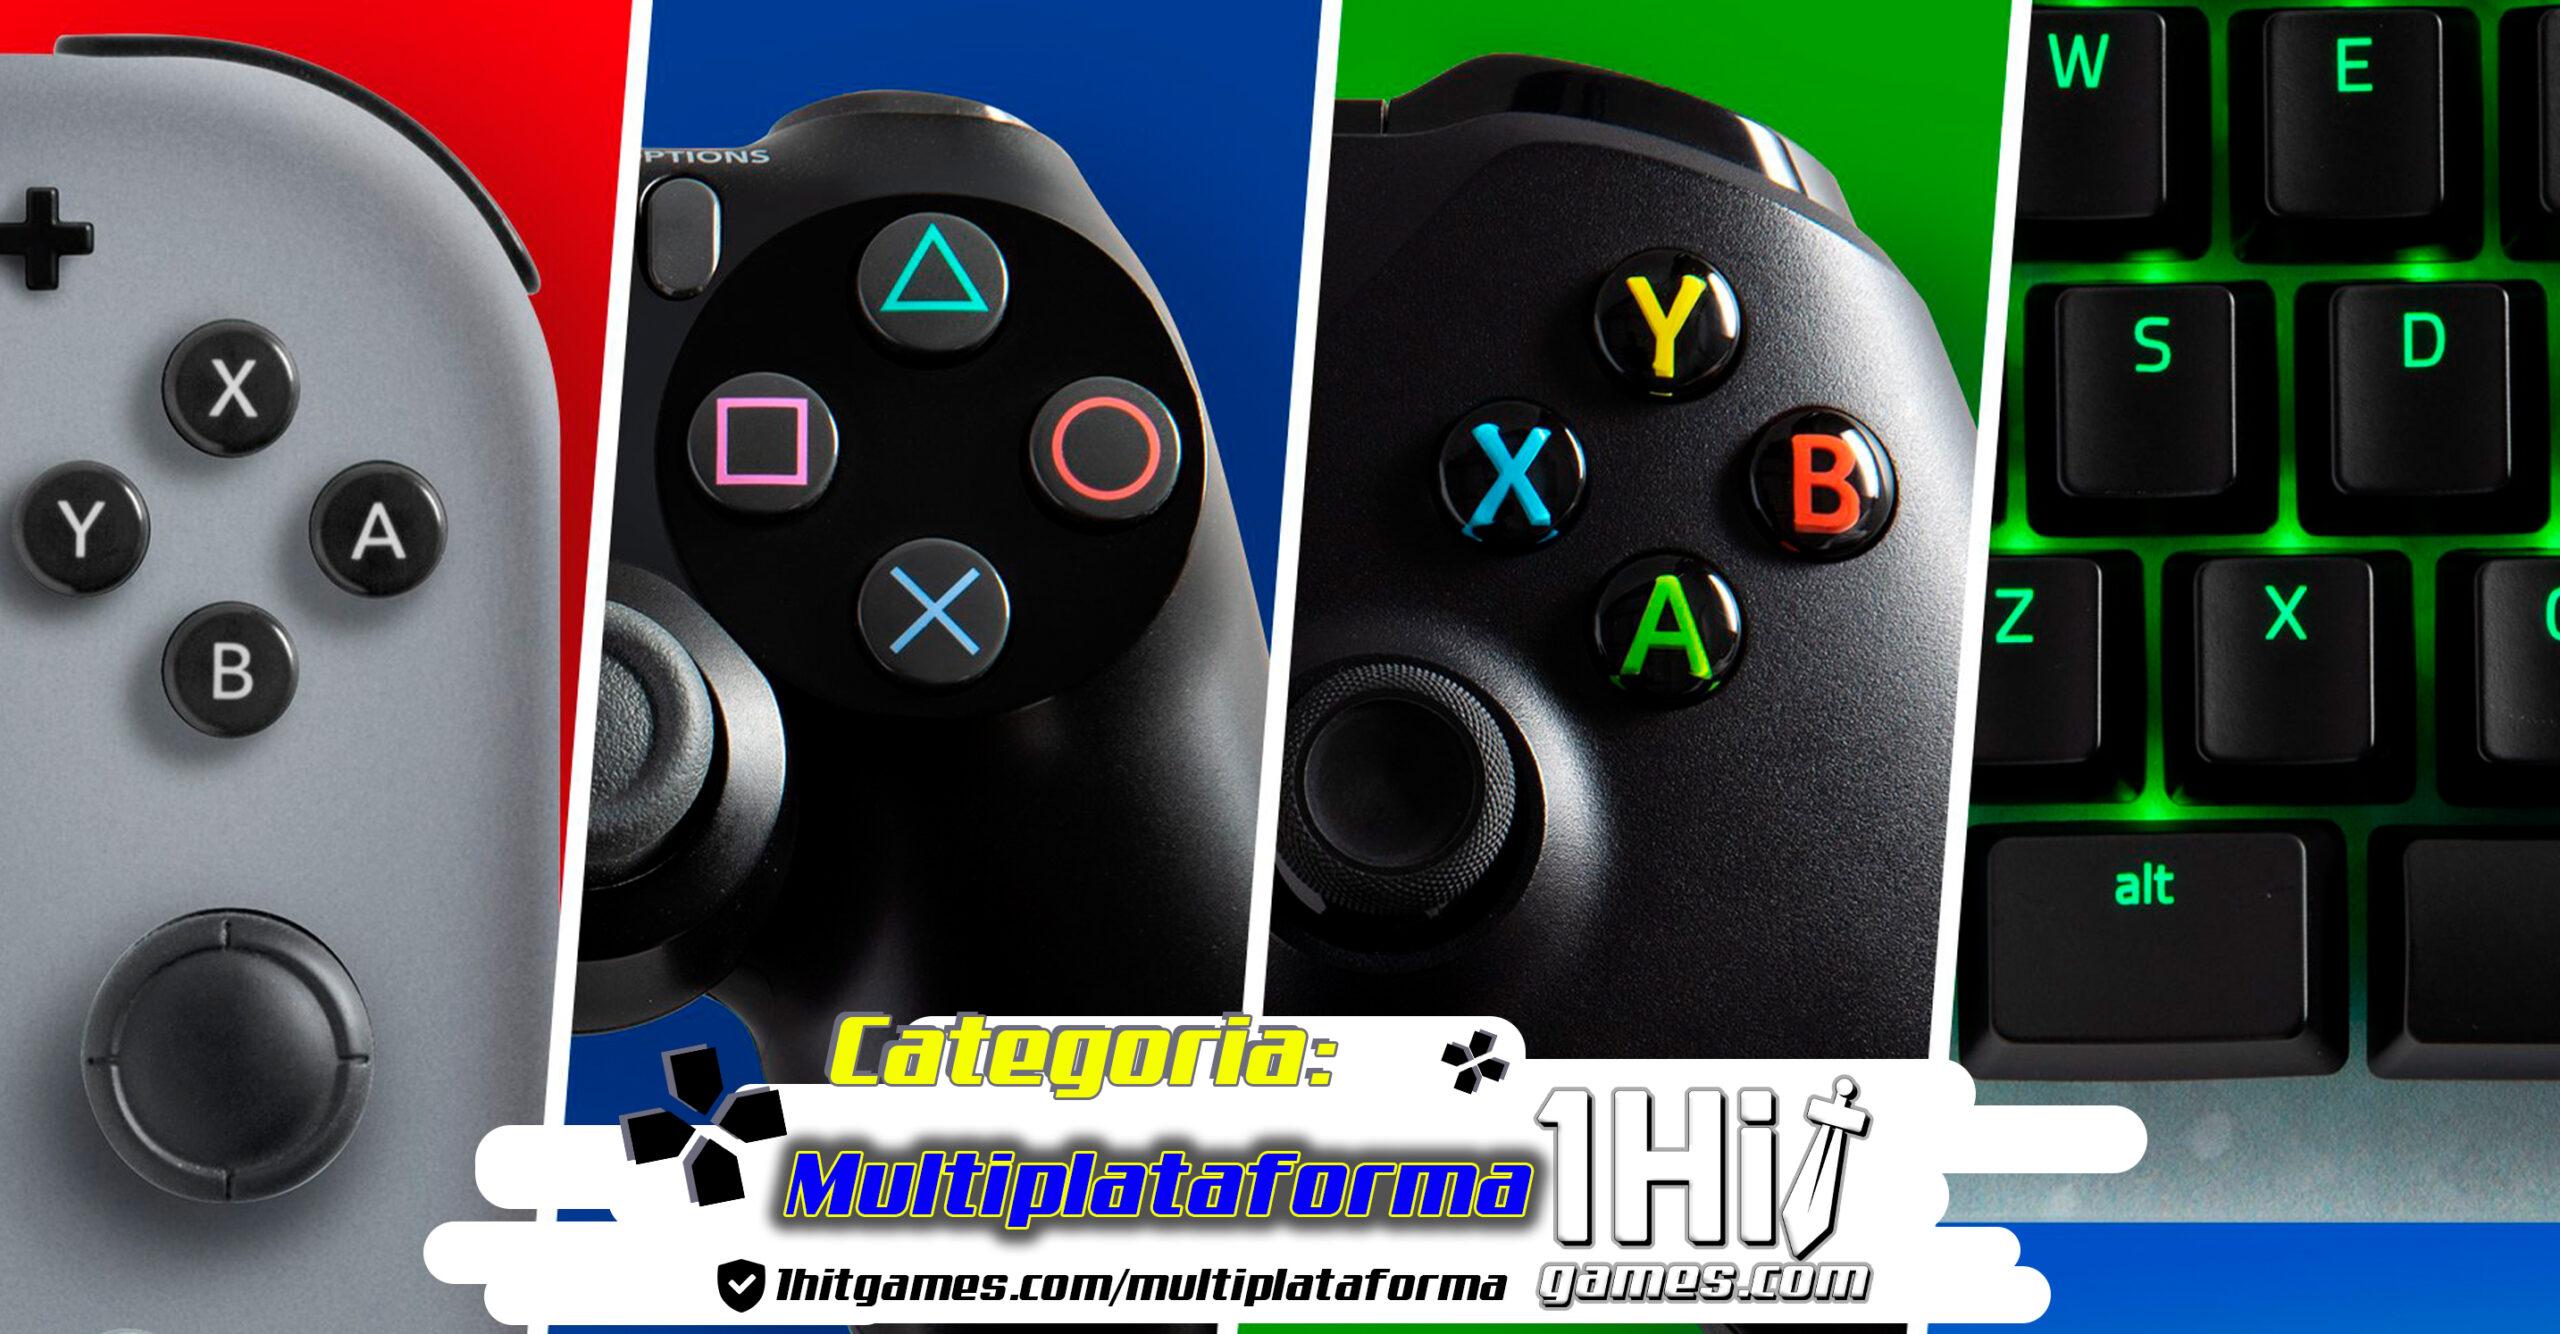 multiplataforma games 1hitgames jogos eletronicos categorias 1hit